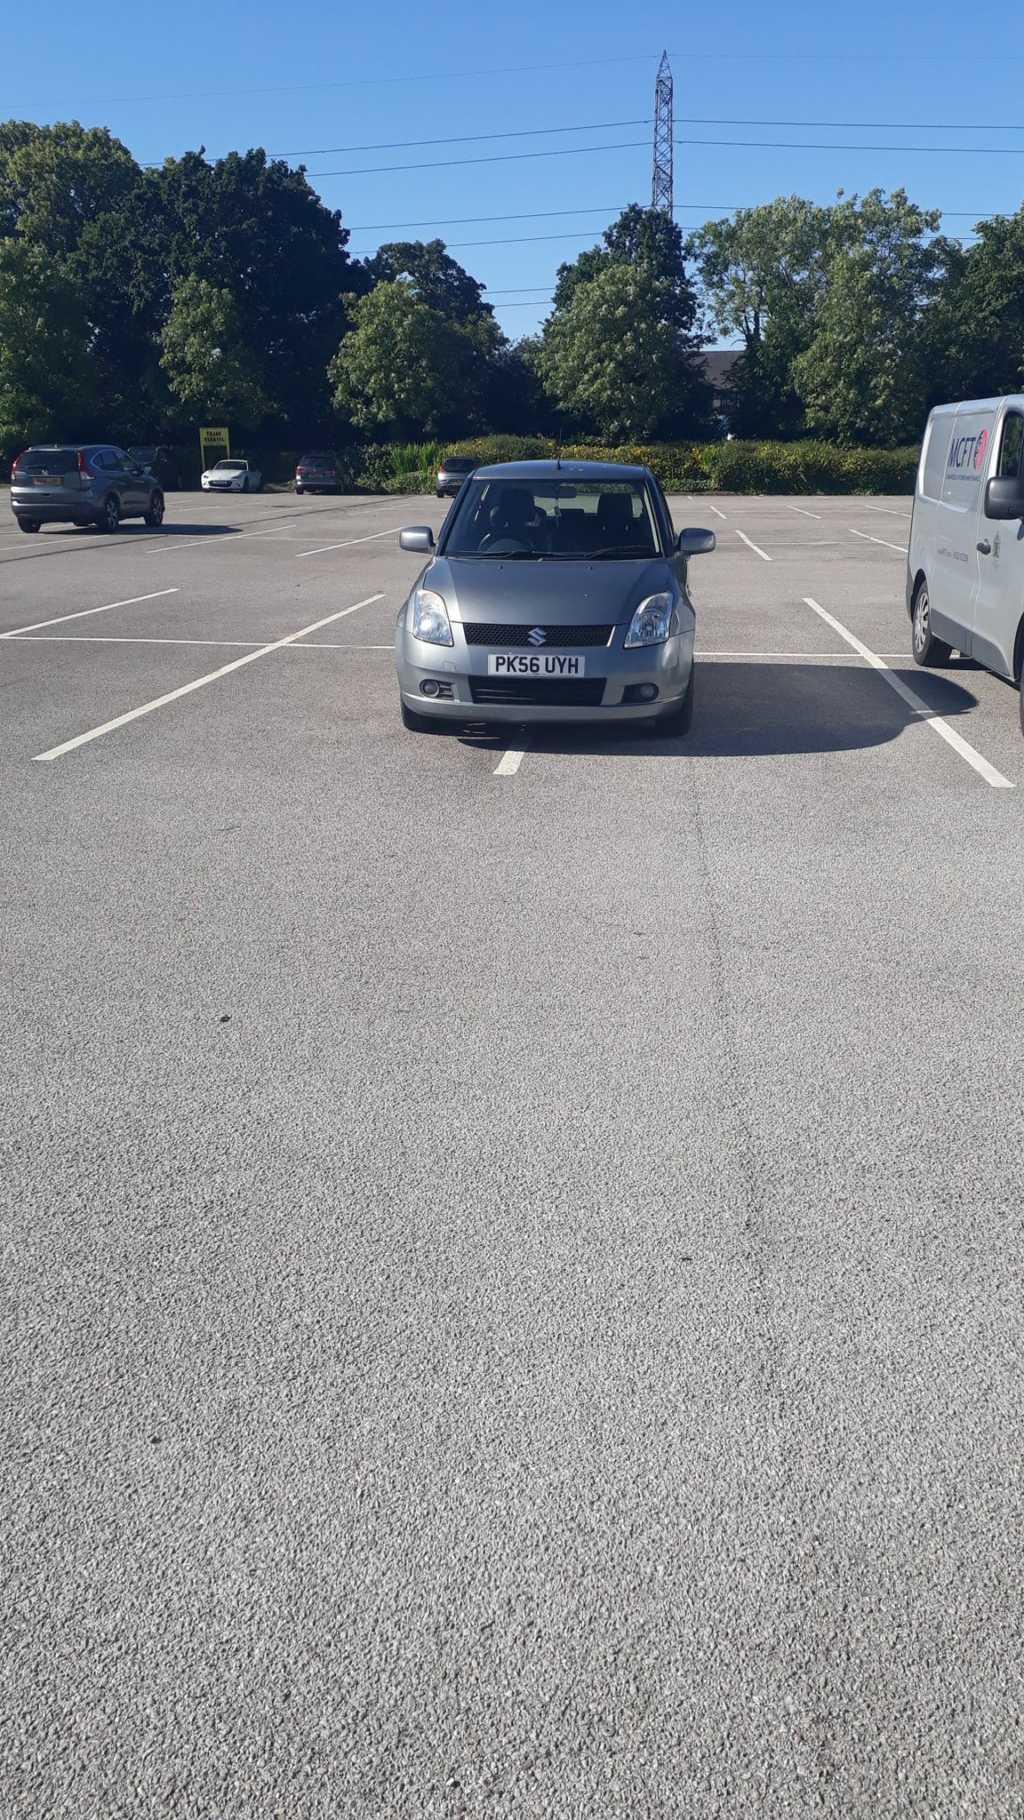 PK56 UYH displaying crap parking